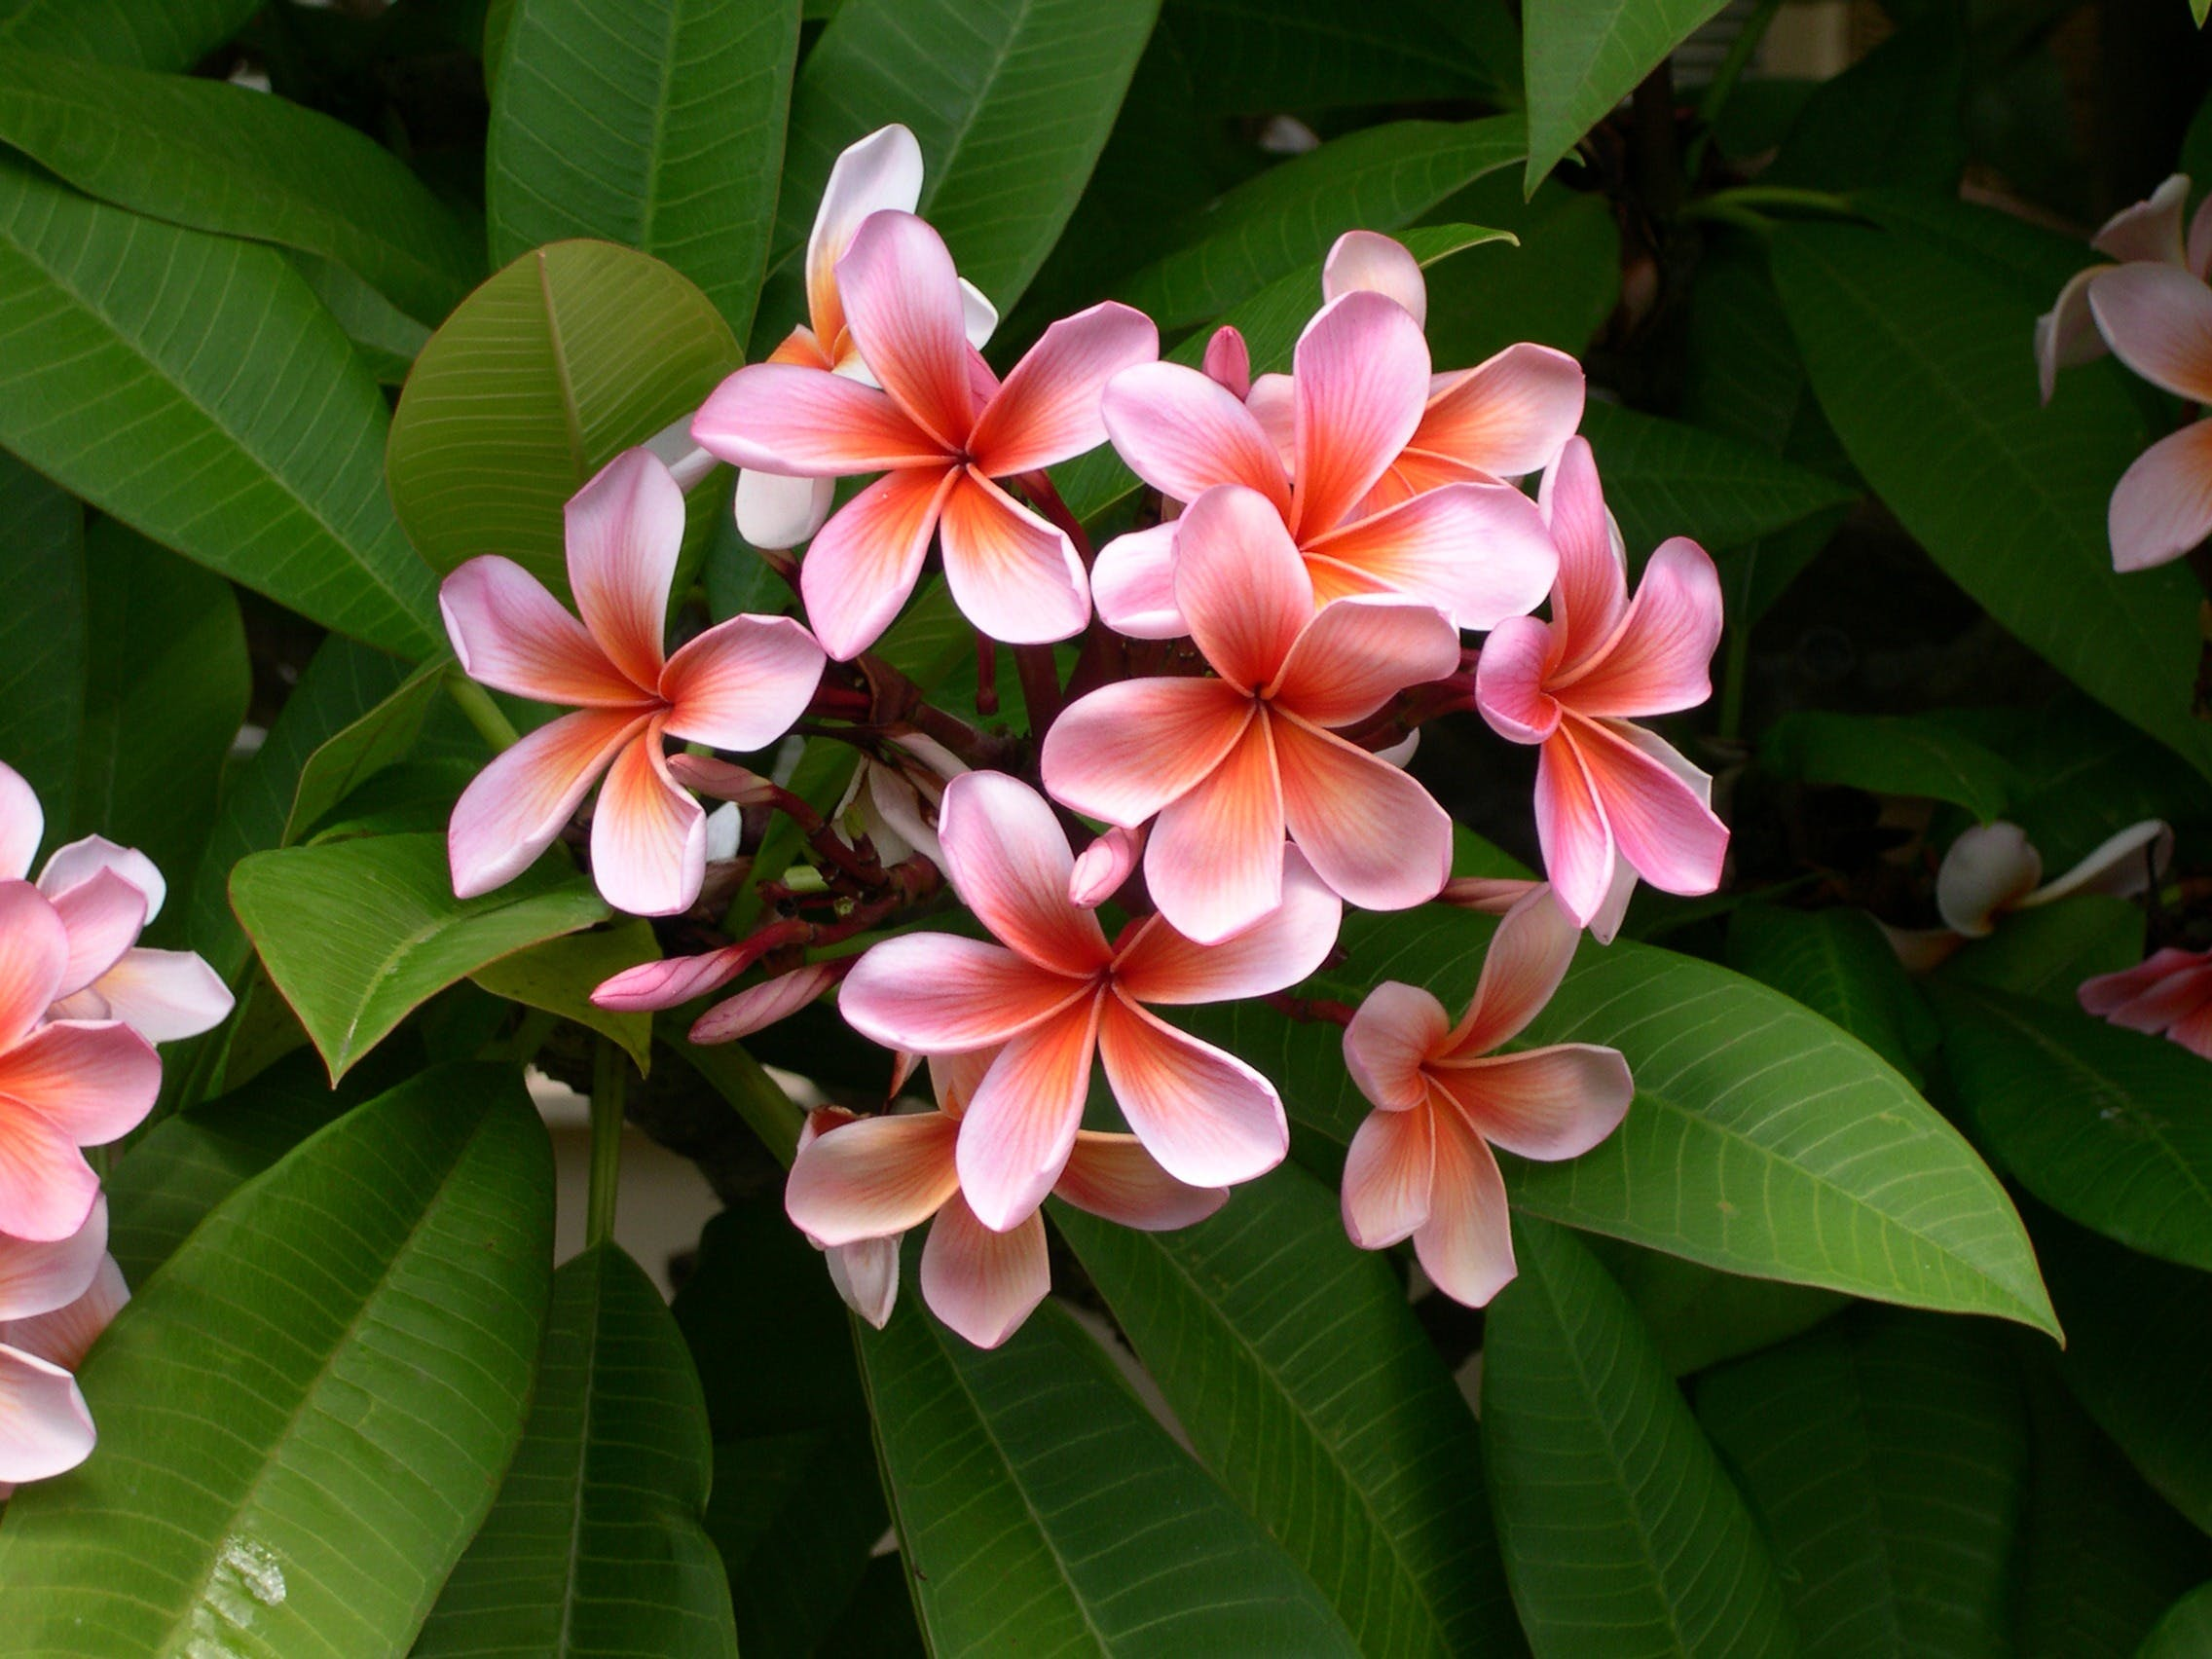 フラワーズ, フローラ, プルメリア, 咲くの無料の写真素材